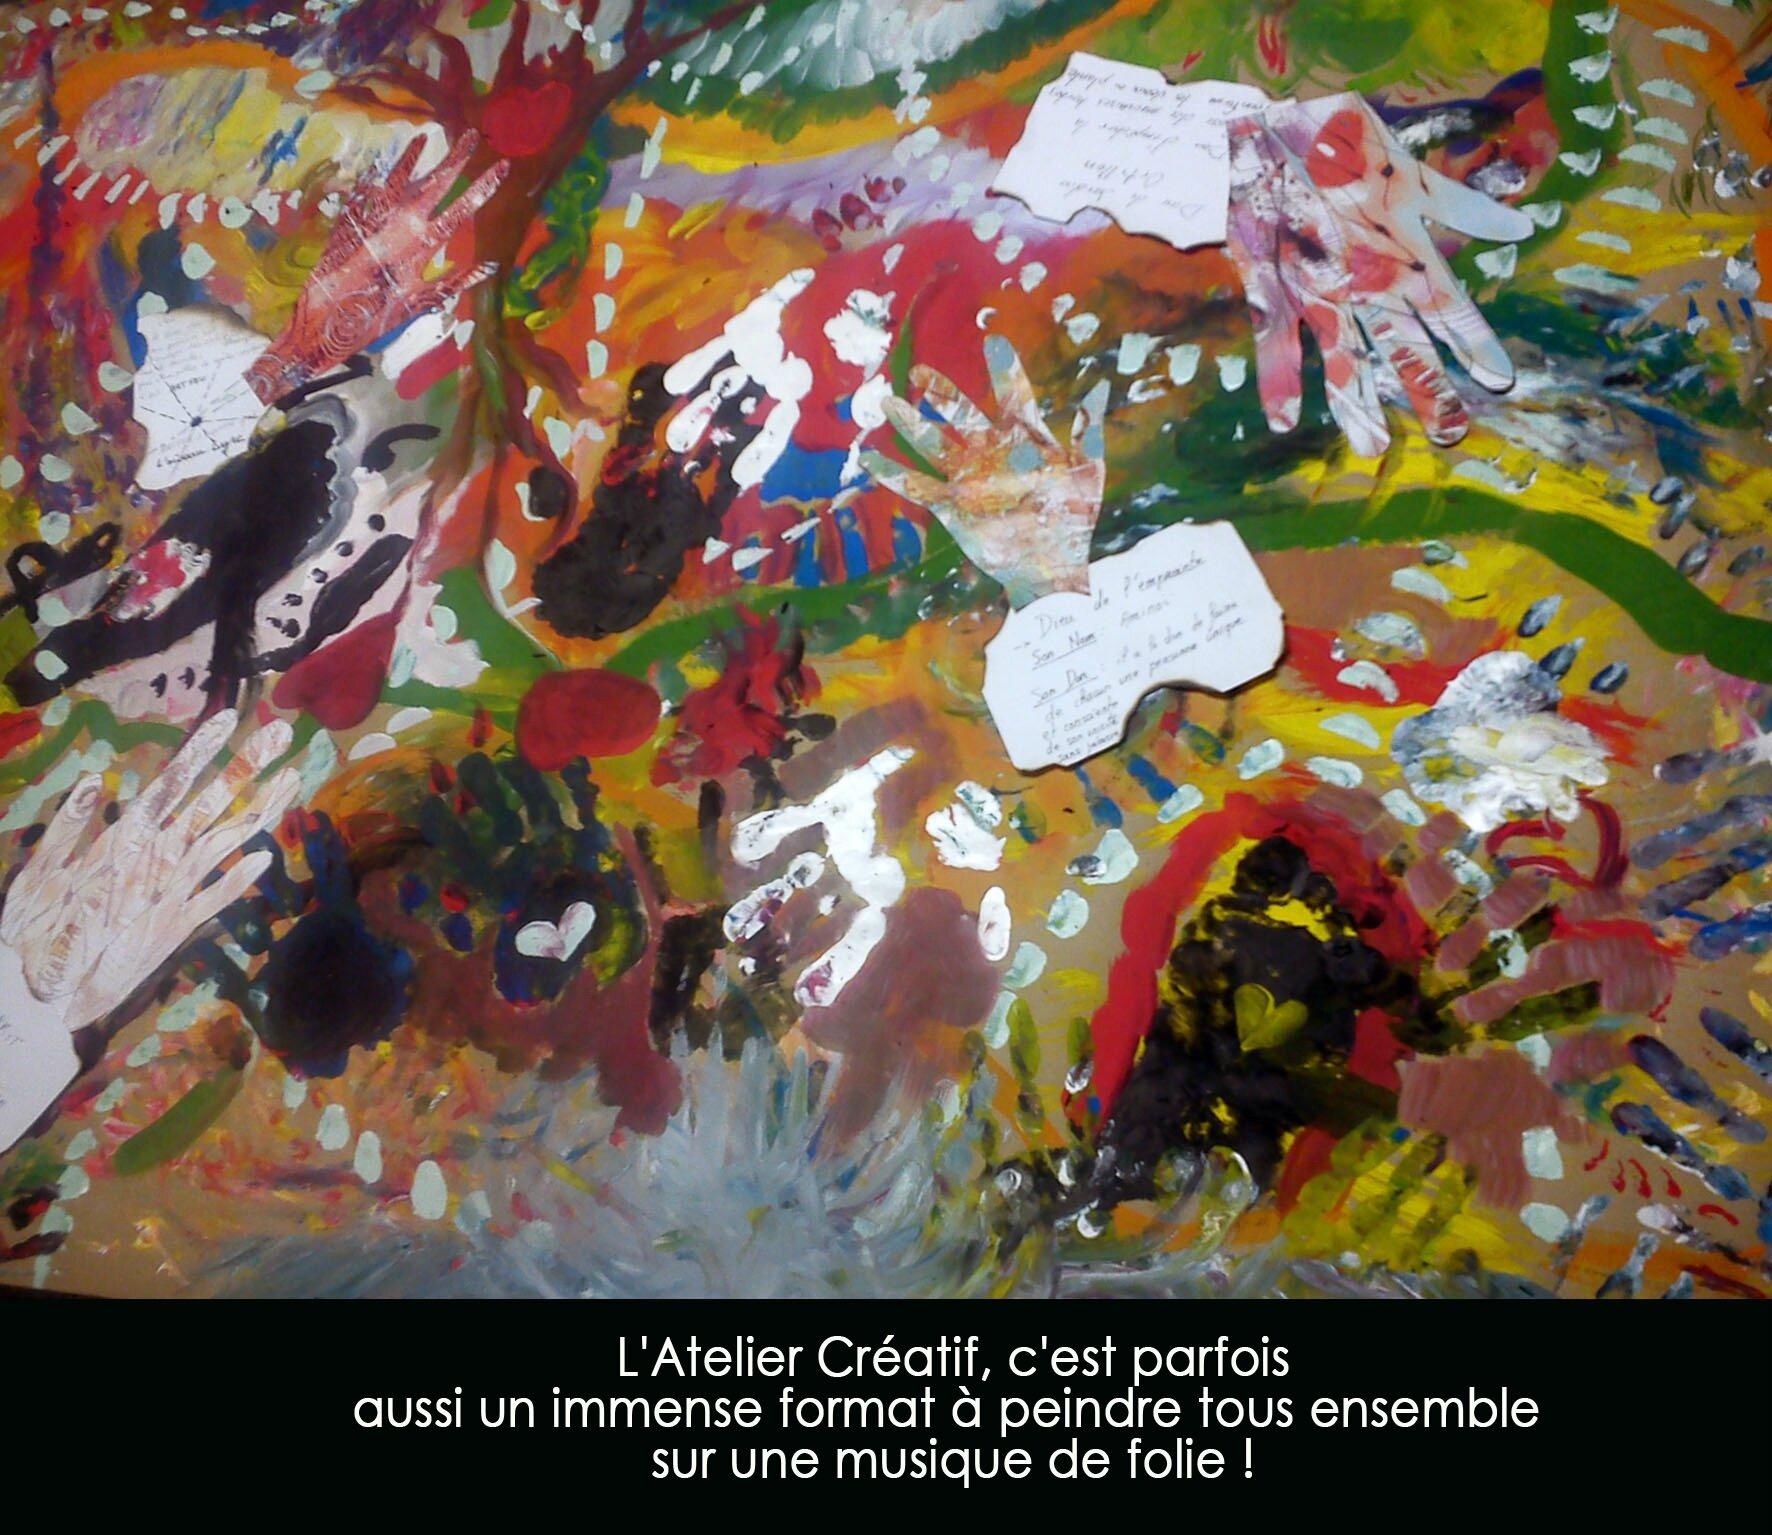 l'atelier créatif, c'est parfois un immense format à peindre tous ensemble sur une musique de folie !